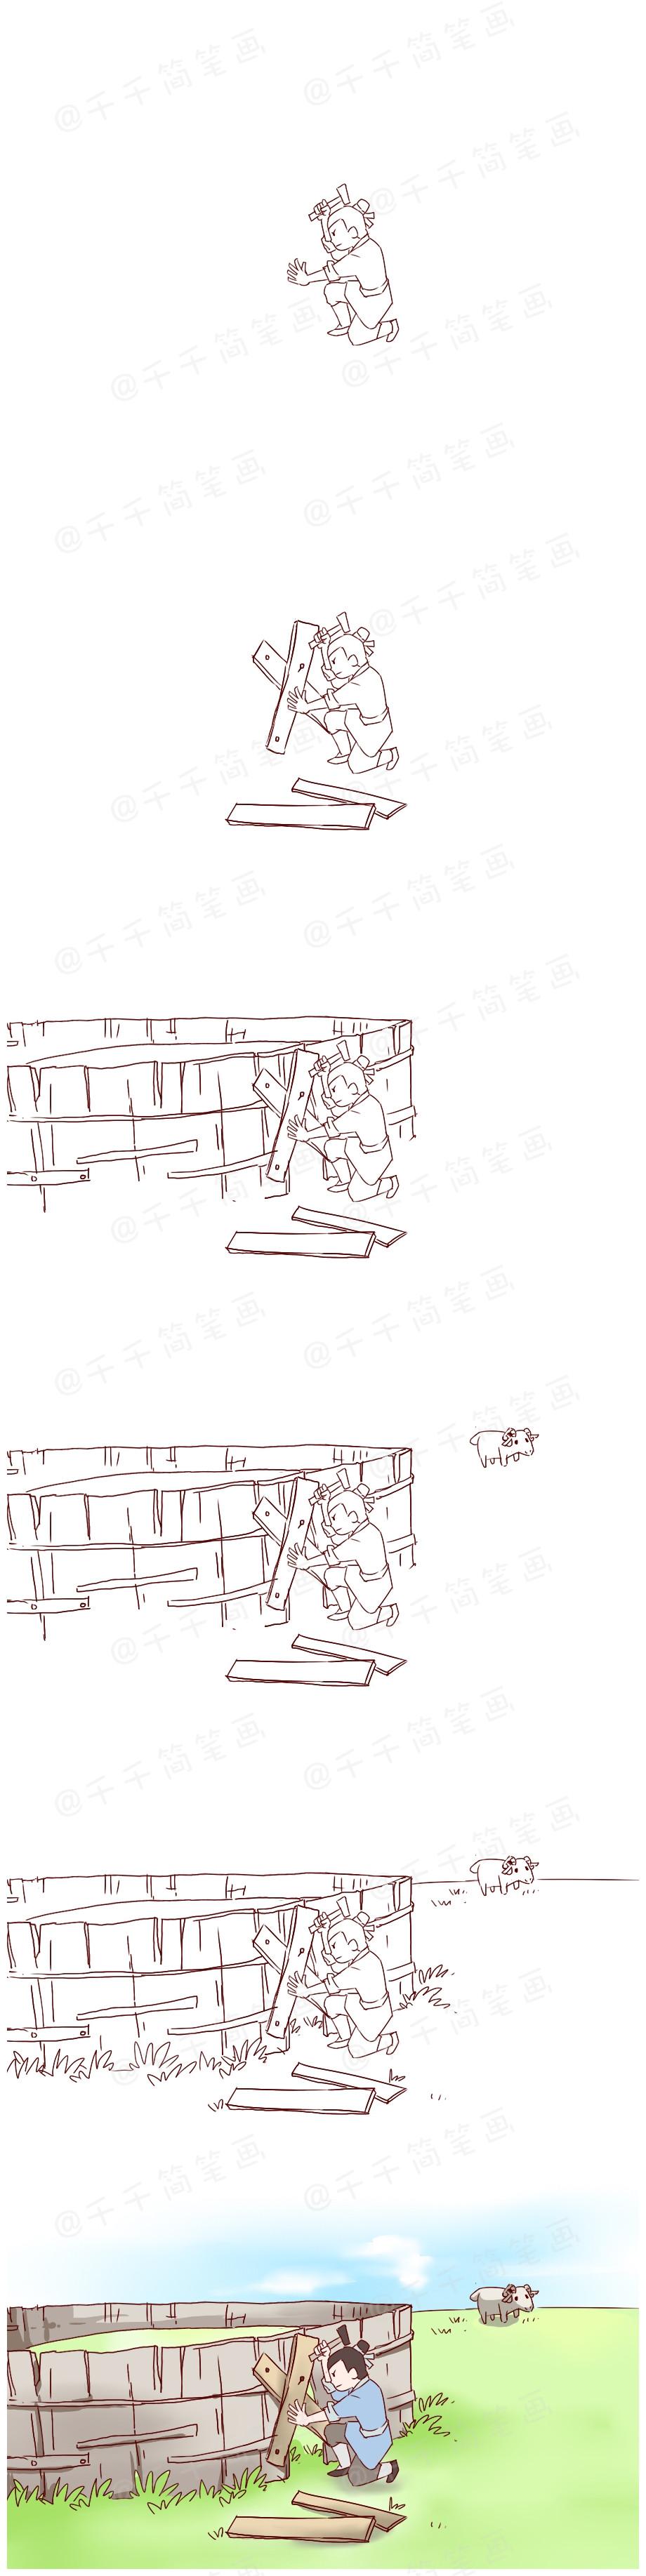 【5岁+成语故事】亡羊补牢【千千简笔画国学 】